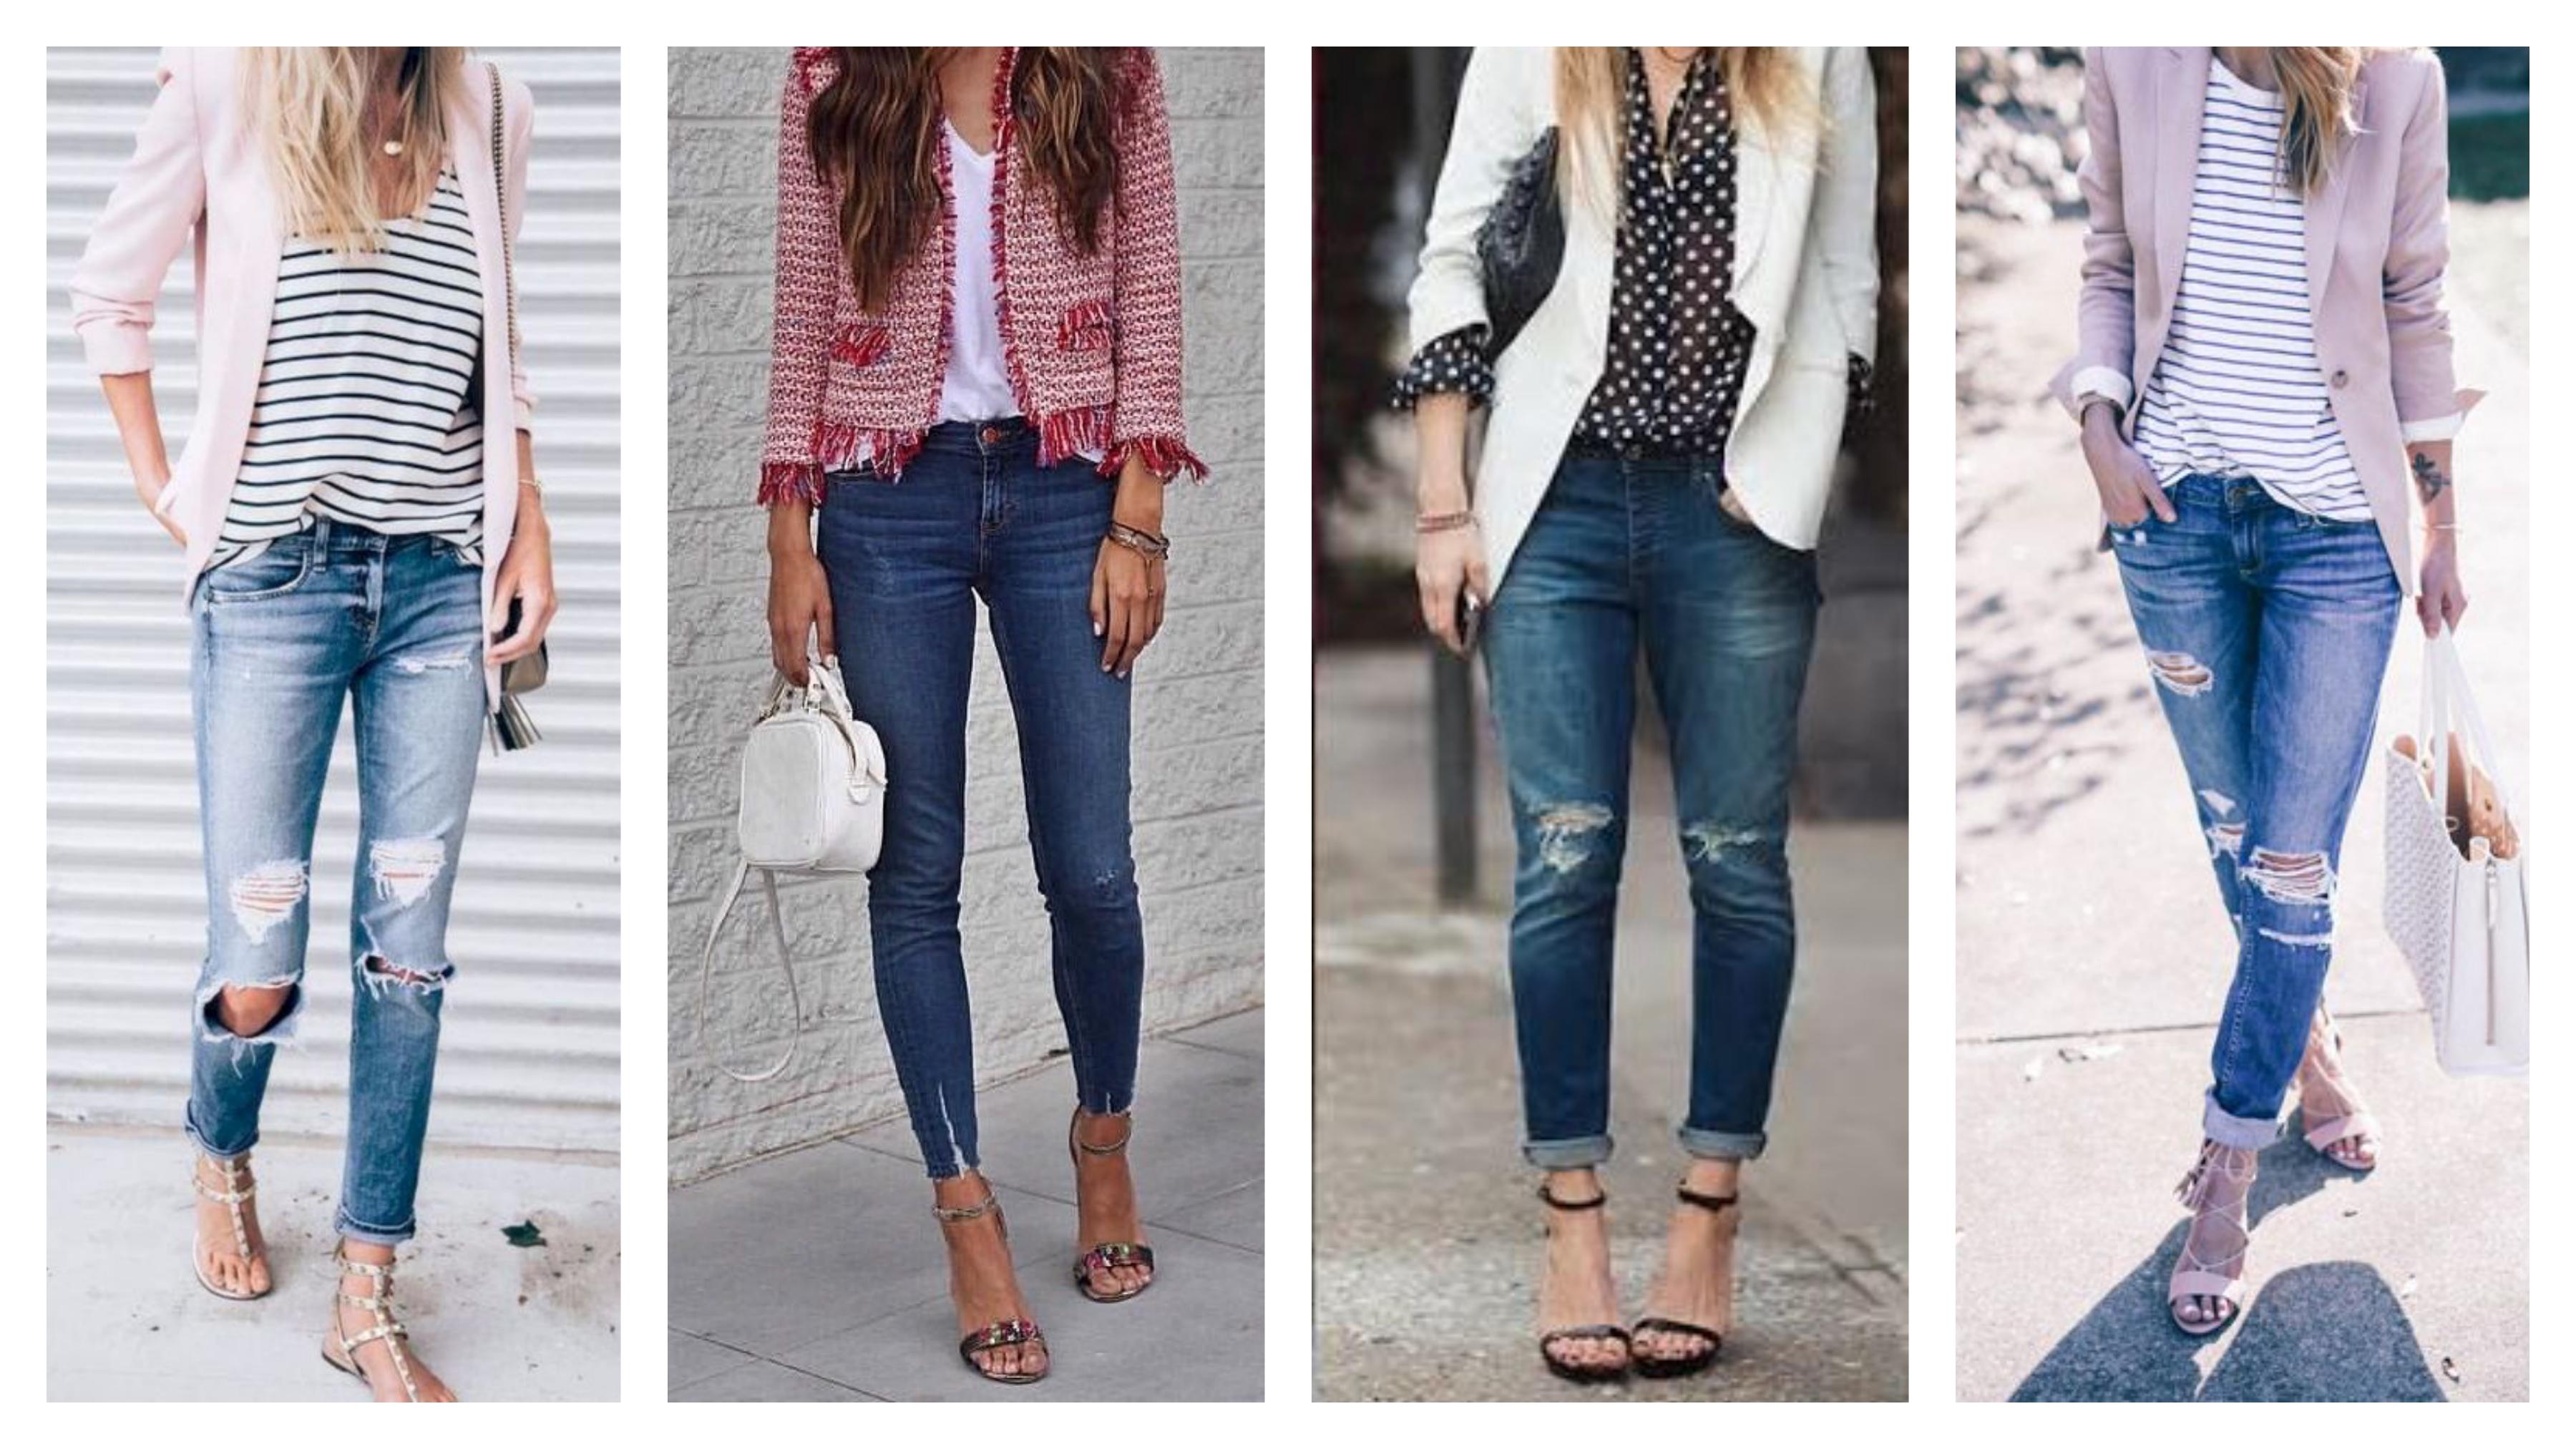 Пиджак, джинсы и босоножки